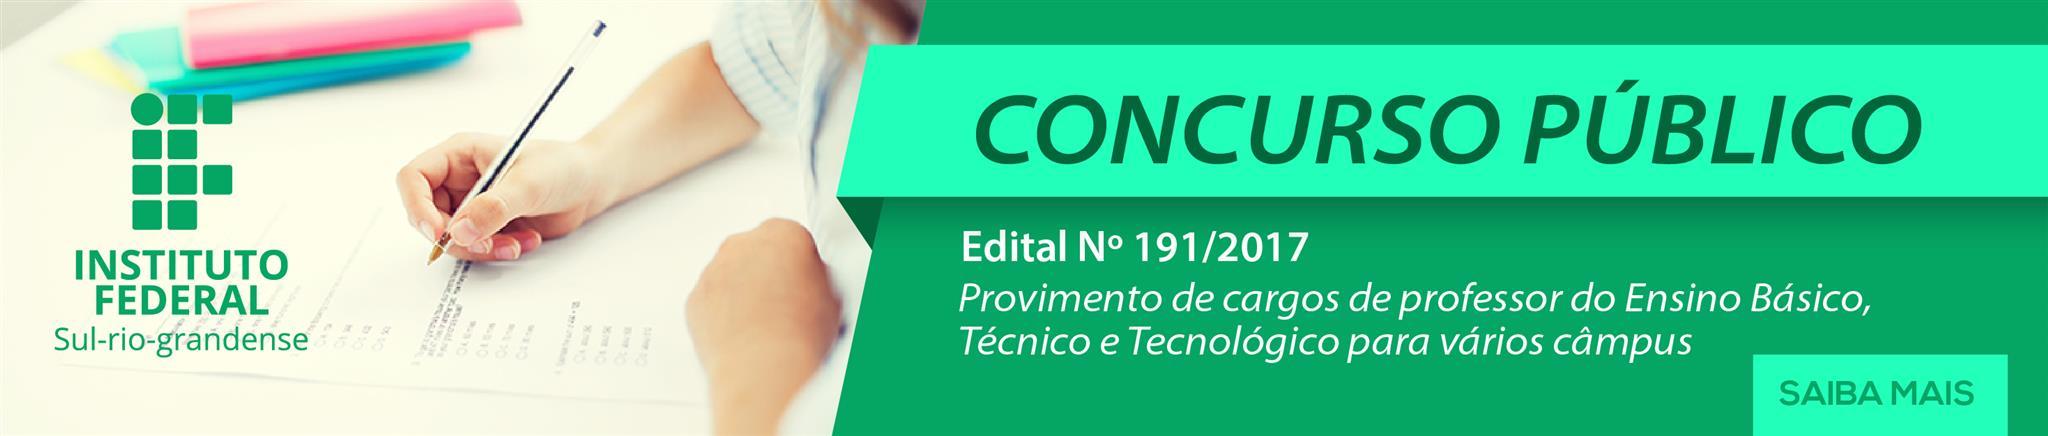 Banner Concurso Docente